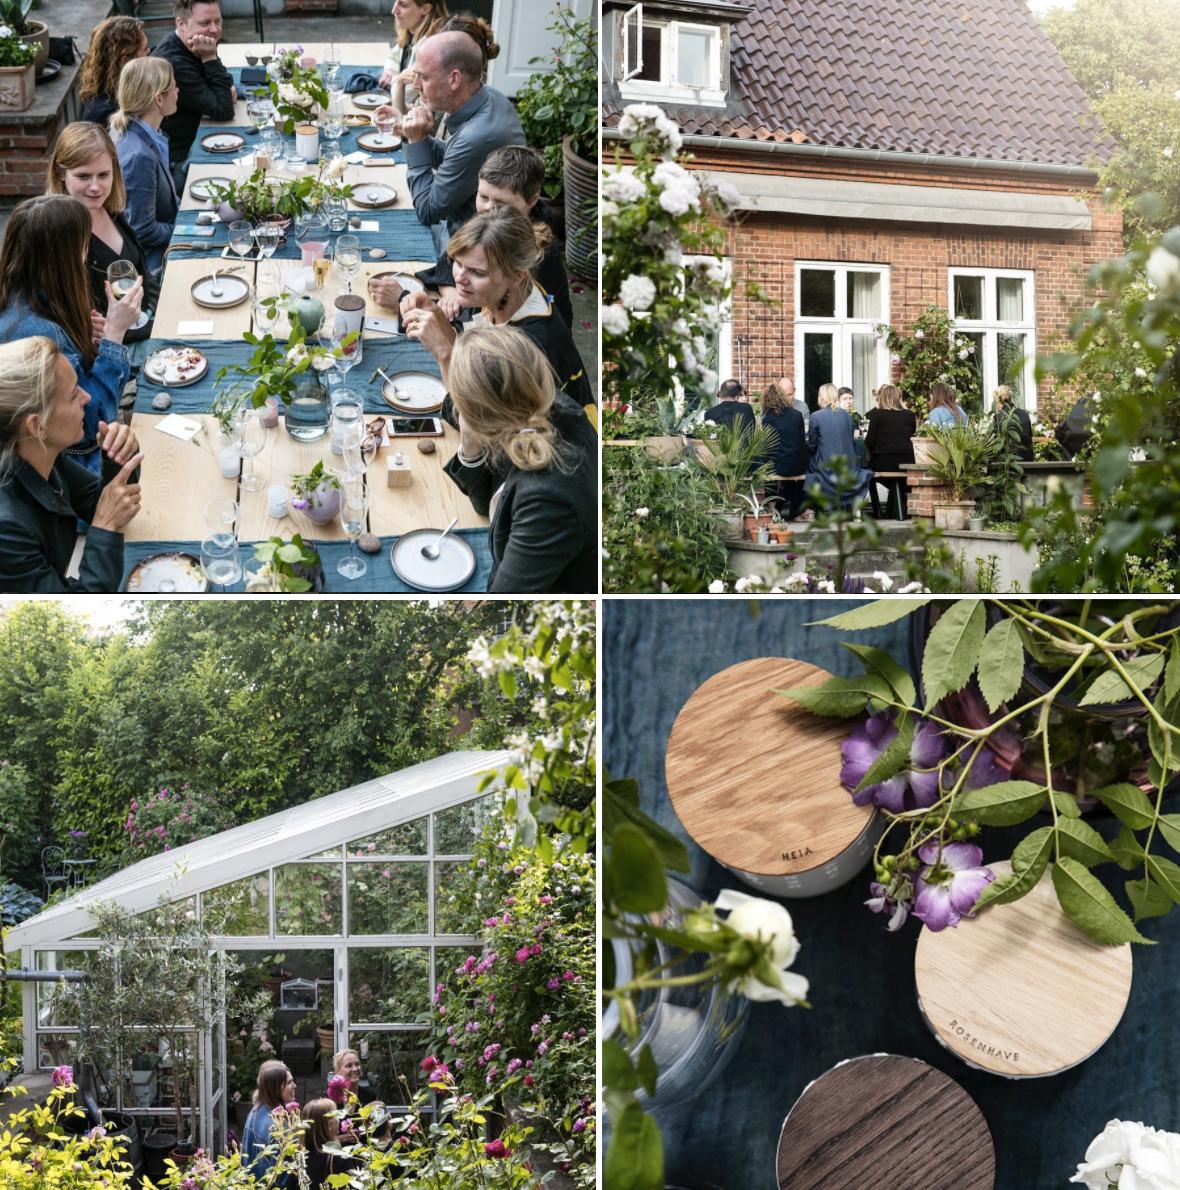 Skandinavisk escapes rose garden